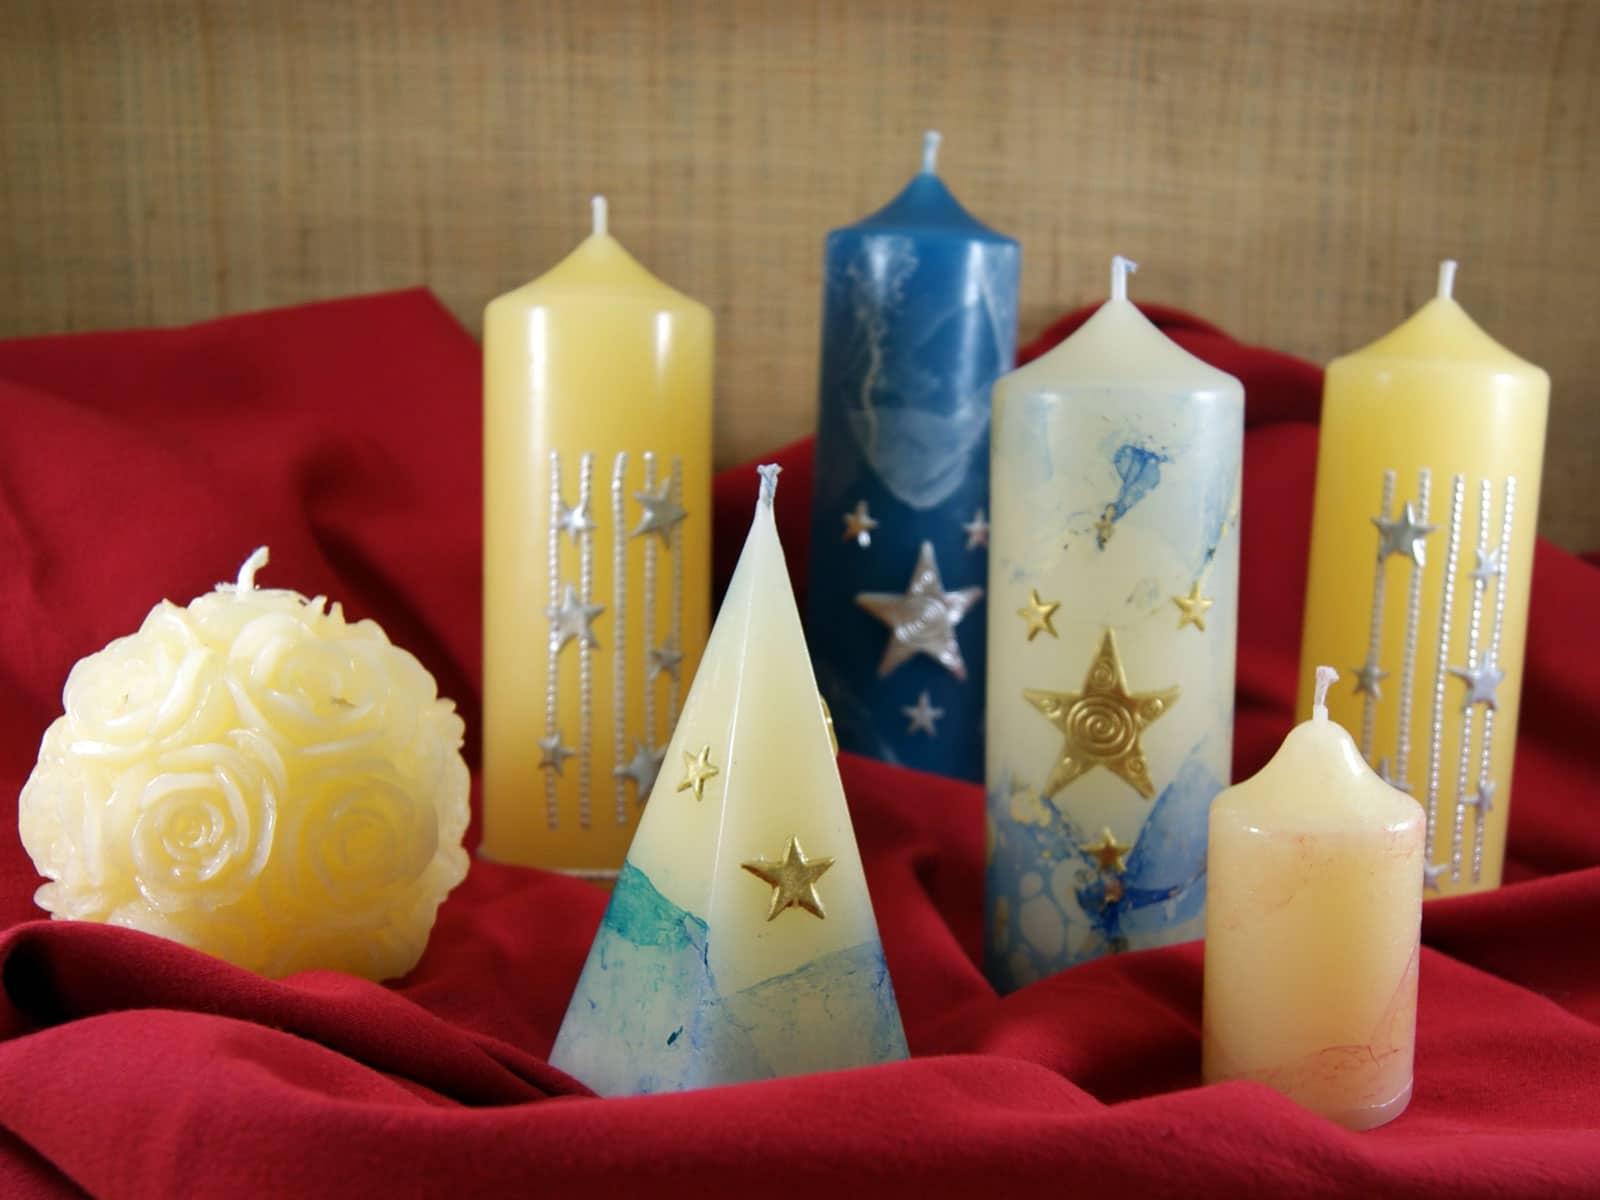 carmel-du-havre-artisanat-bougies